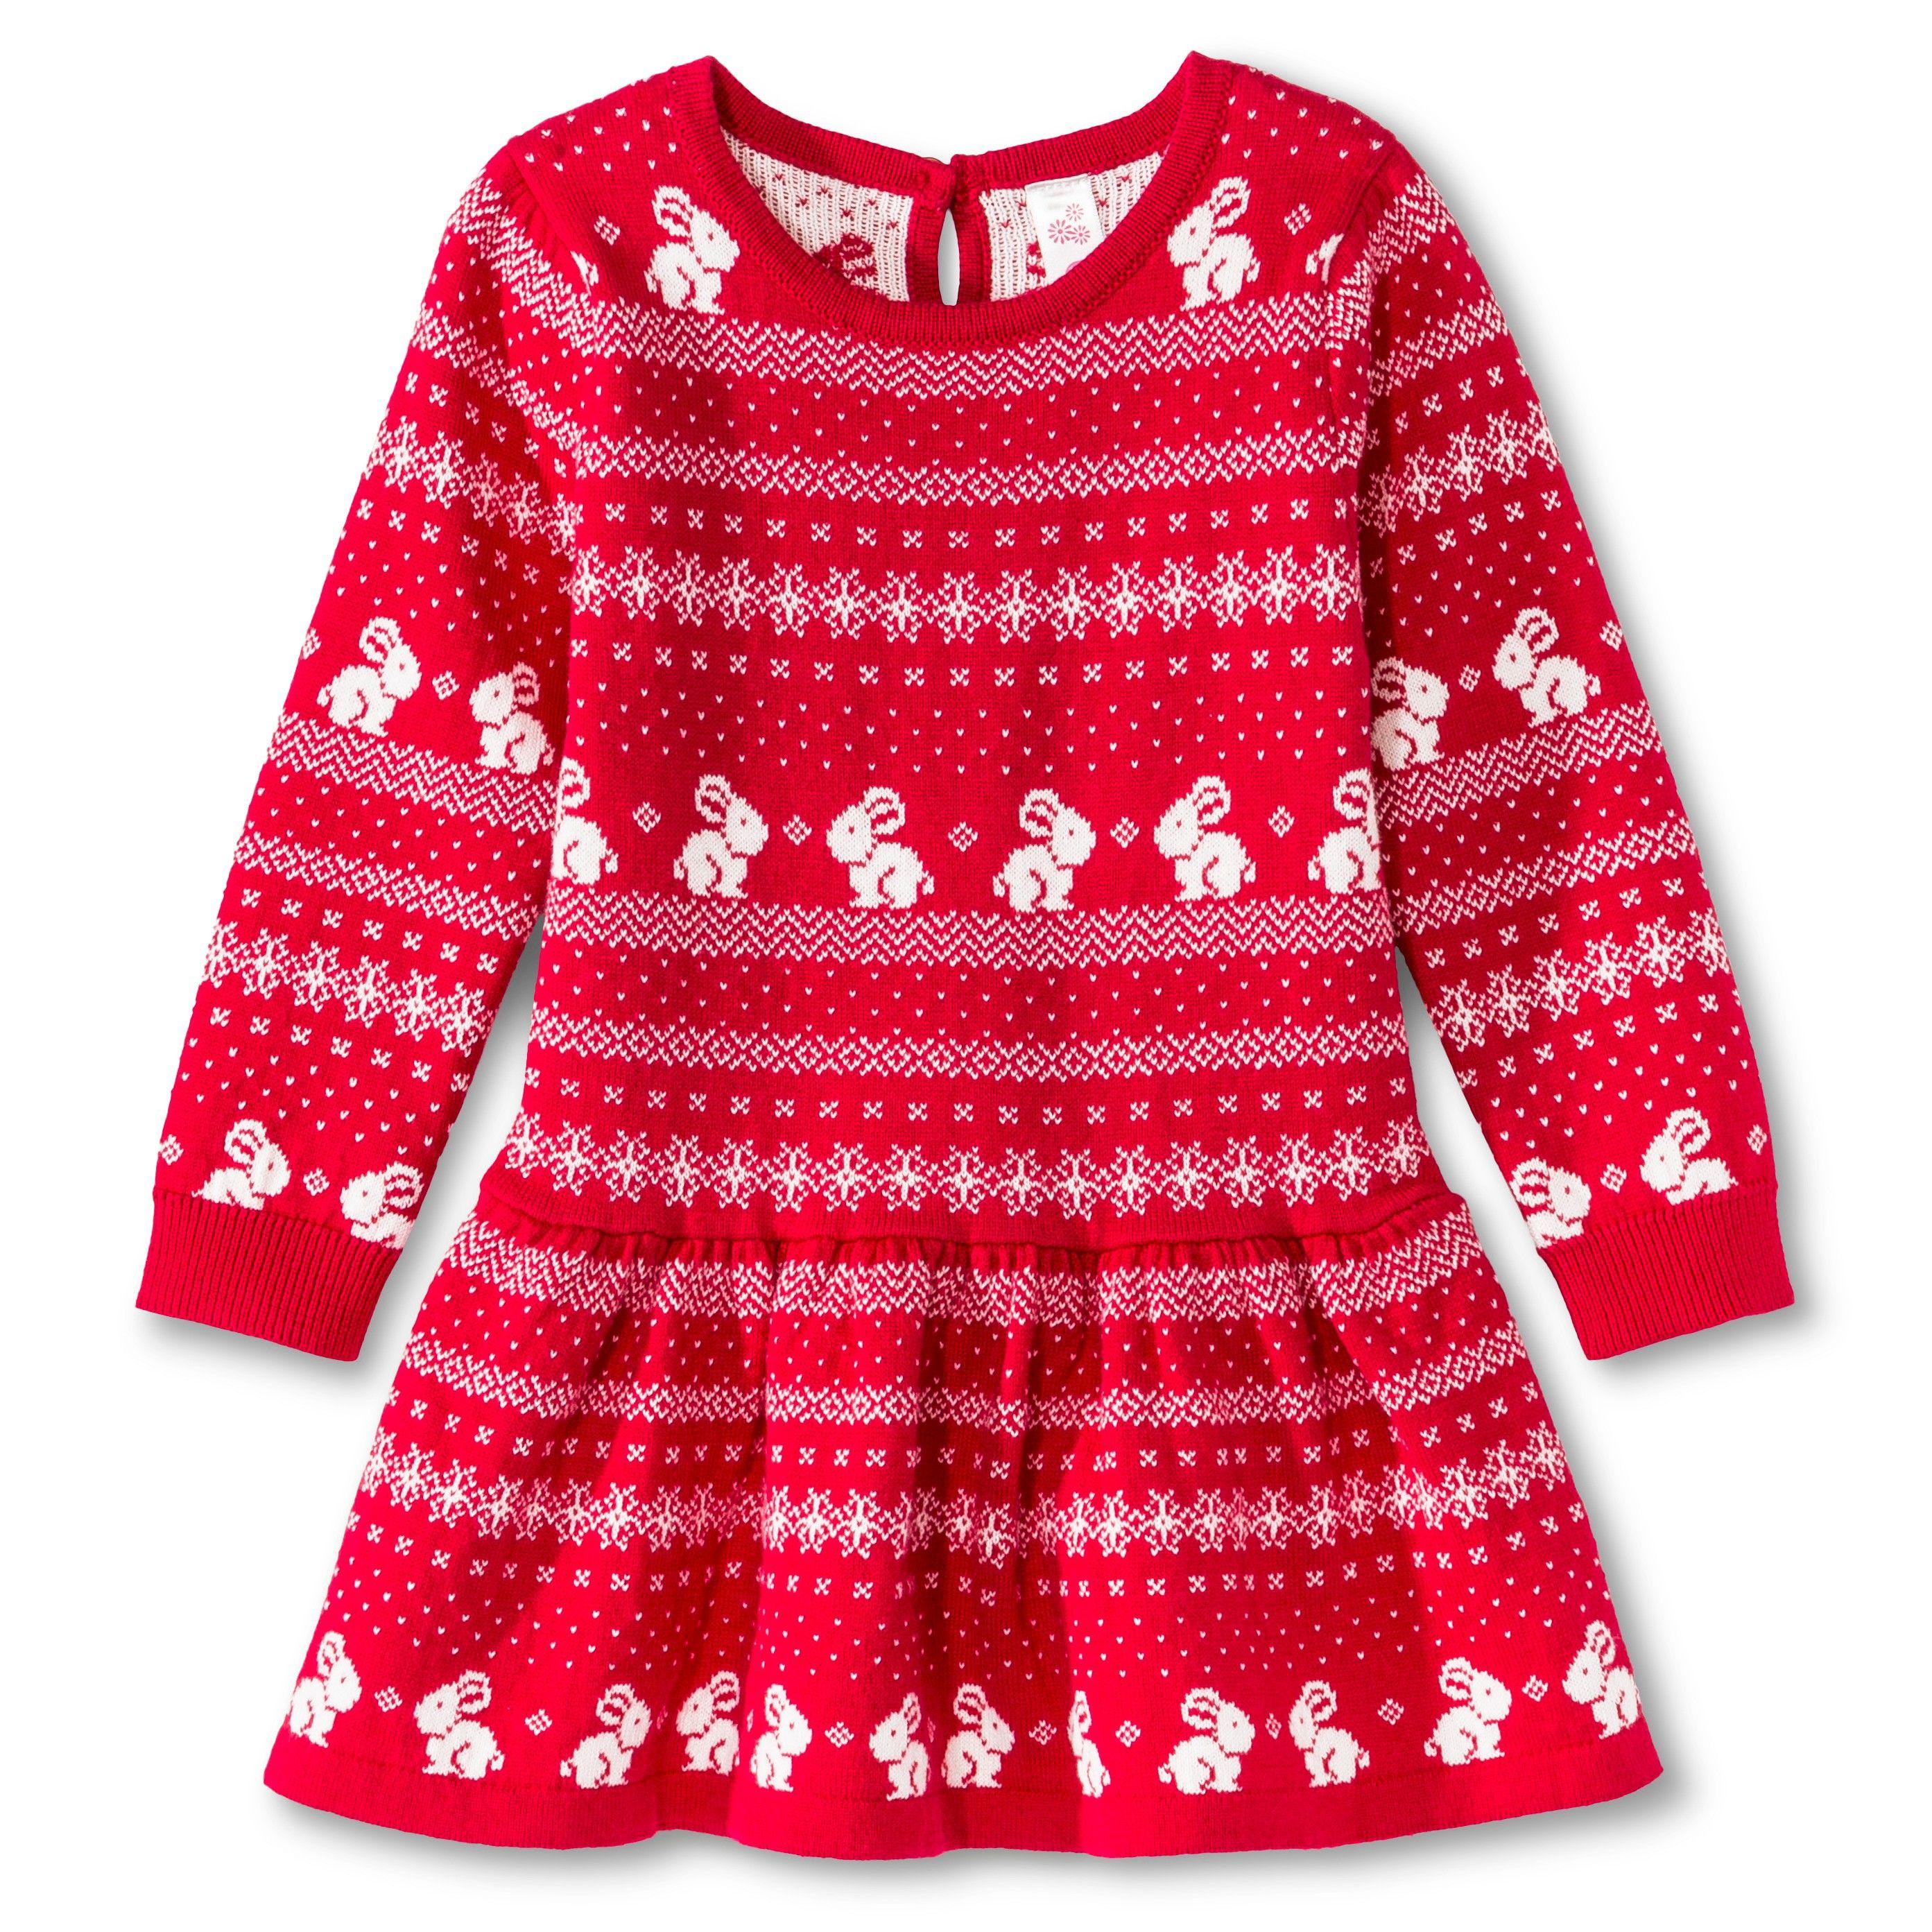 Toddler Girls' Cherokee Sweater Dress Red Target